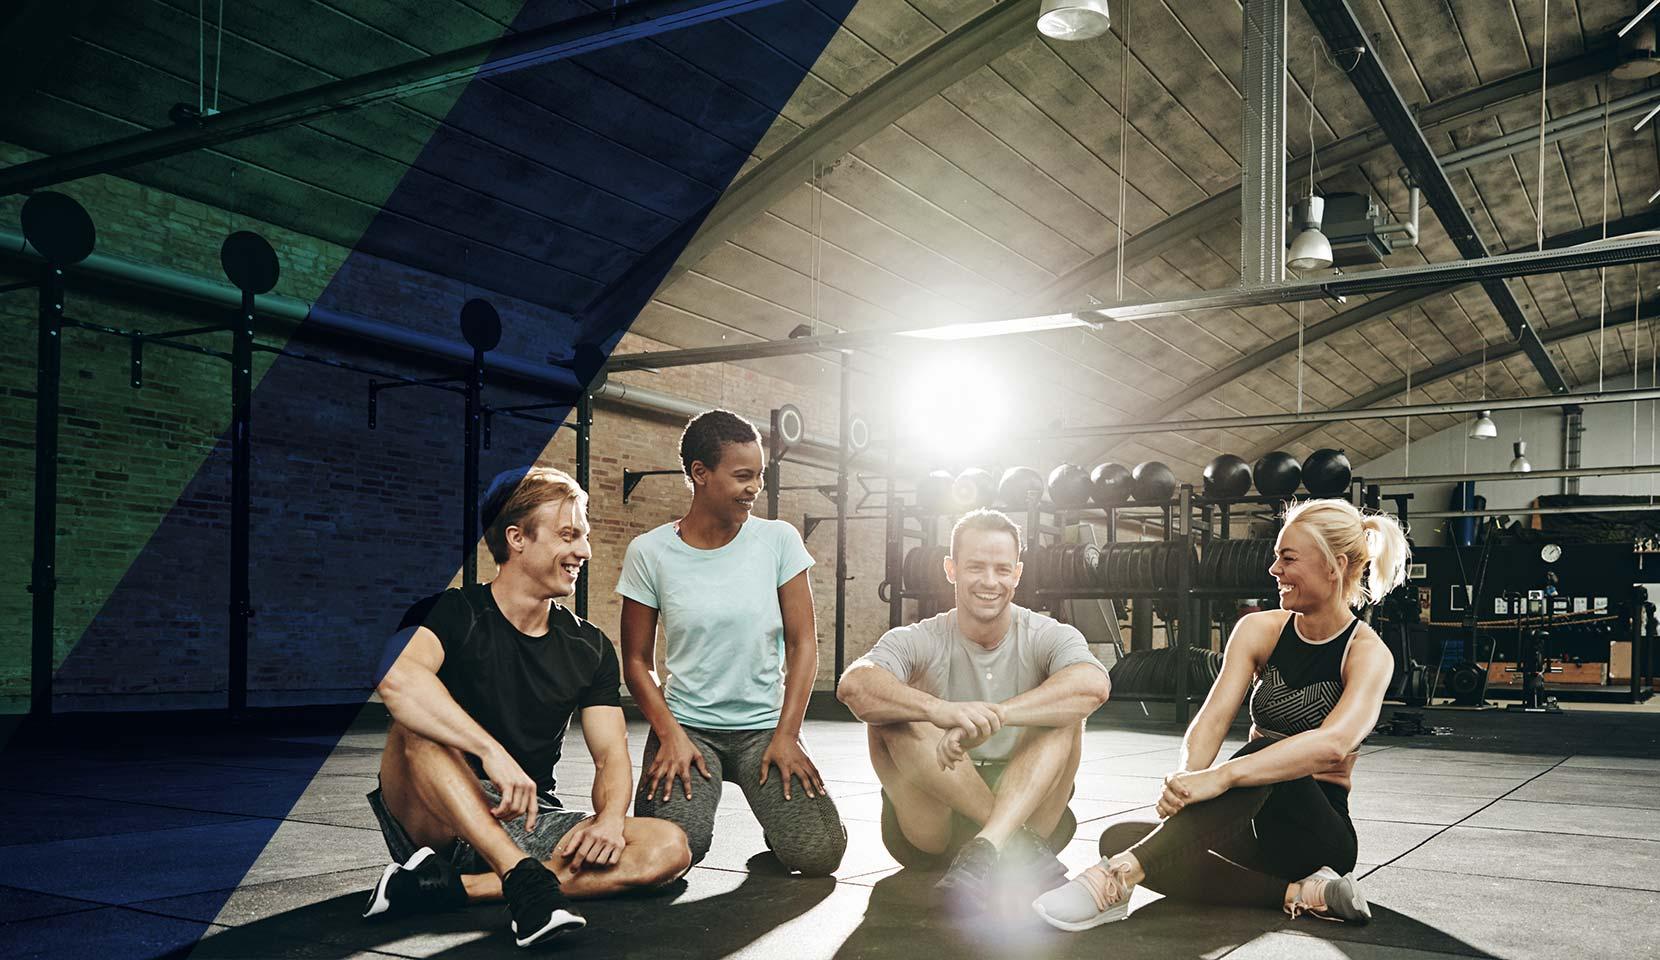 Ce este rata de retenție la o sală de fitness și cum se calculează